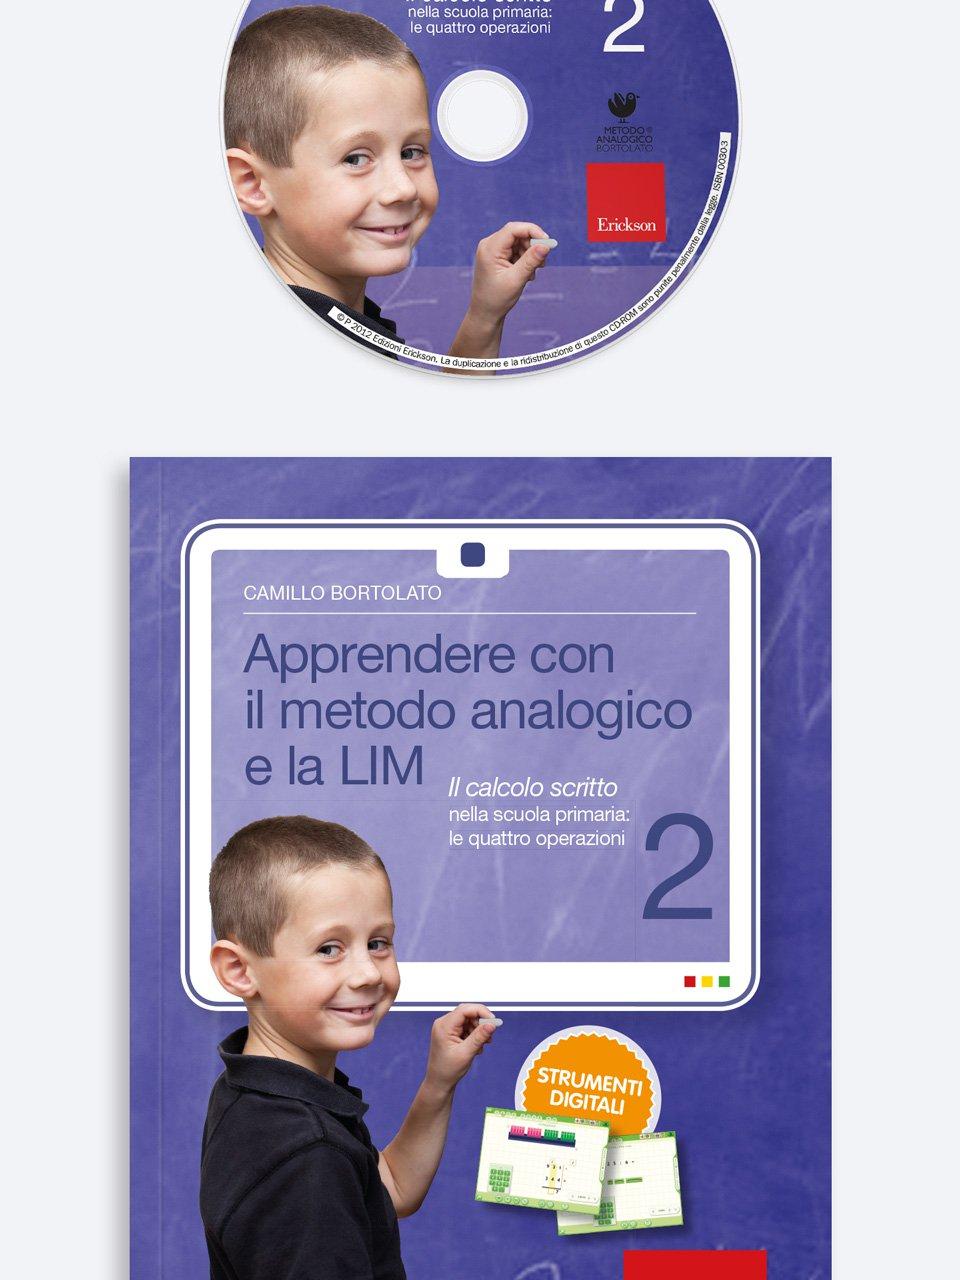 Apprendere con il metodo analogico e la LIM 2 - Metodo Analogico altre proposte - Erickson